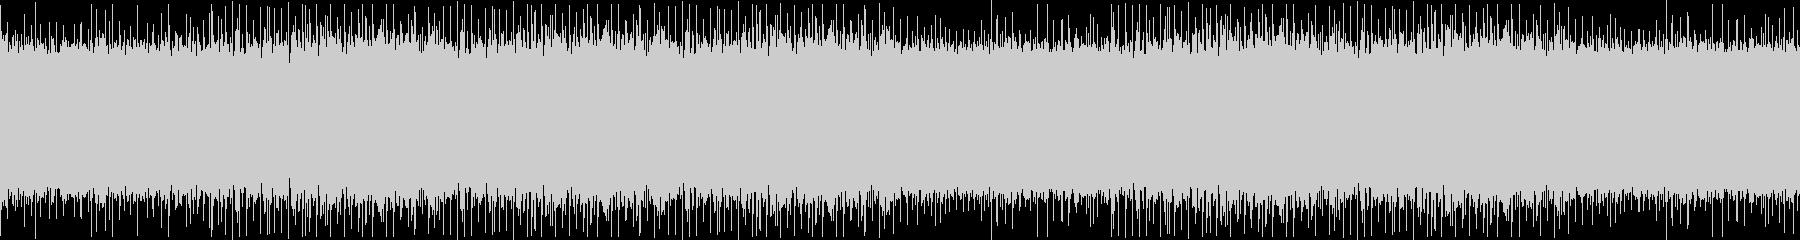 哀愁漂う生音バンド風オルガンループビートの未再生の波形